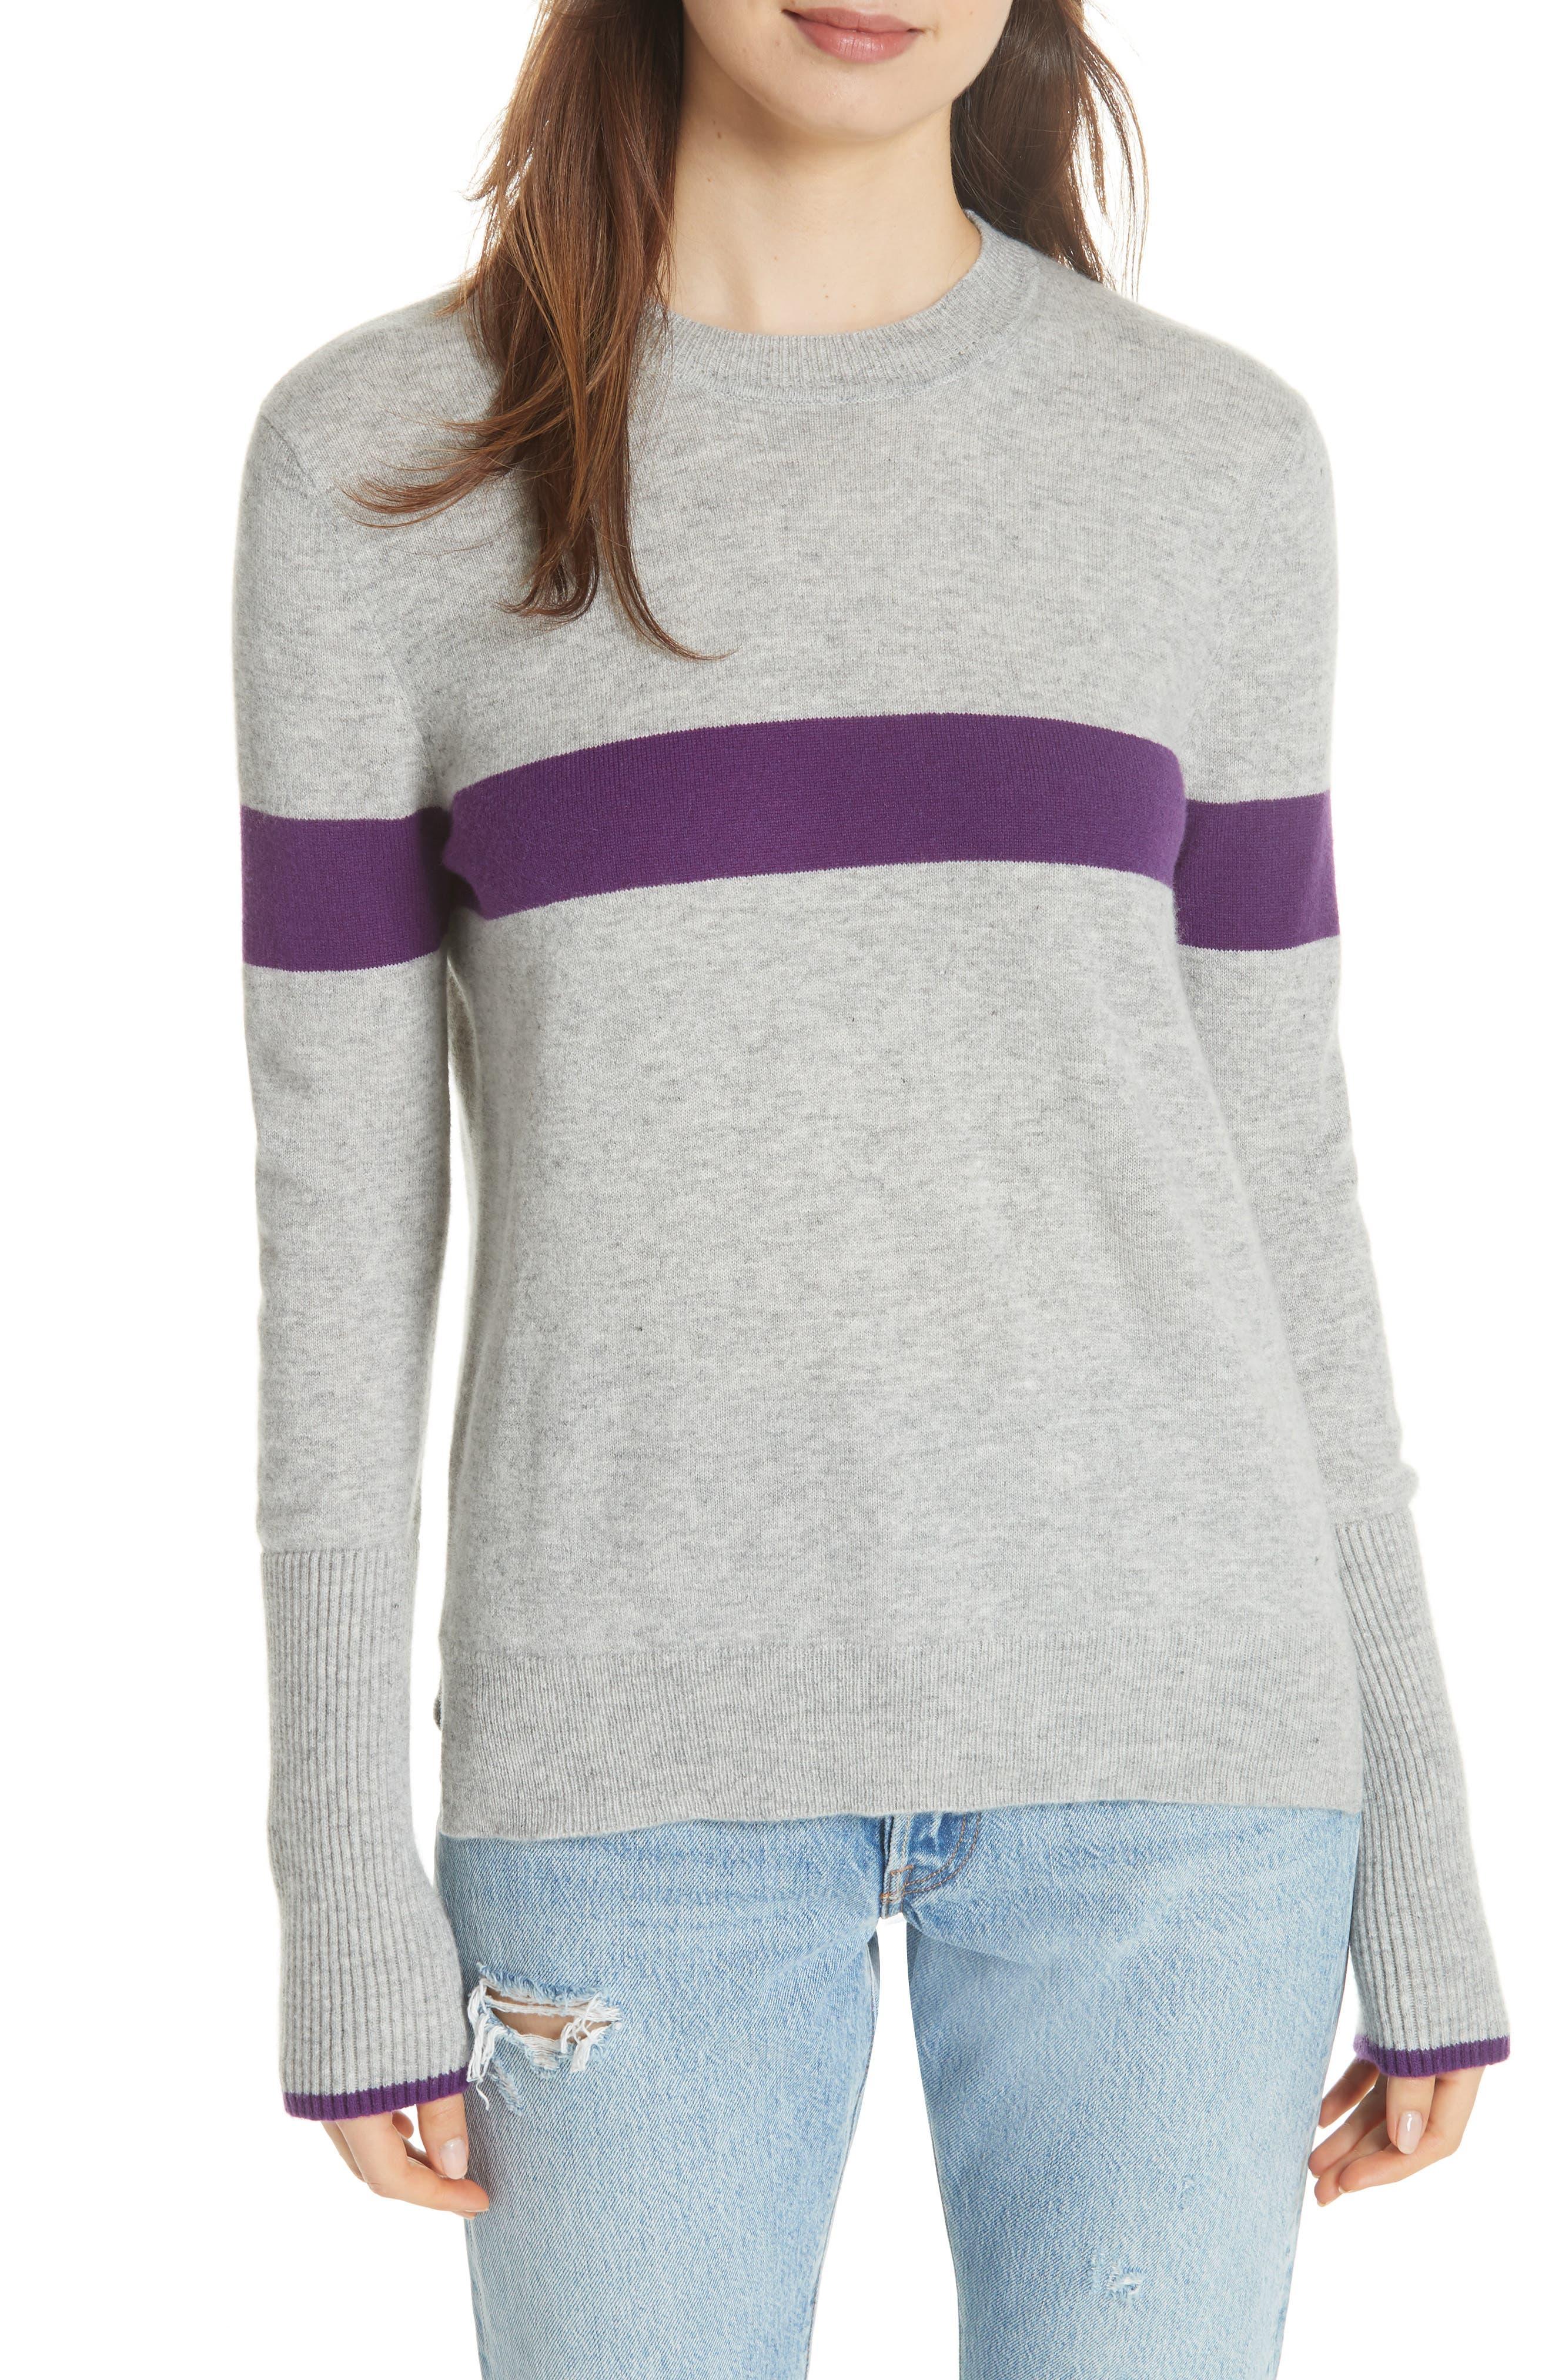 LA LIGNE Bold Stripe Cashmere Sweater in Grey Marle Purple